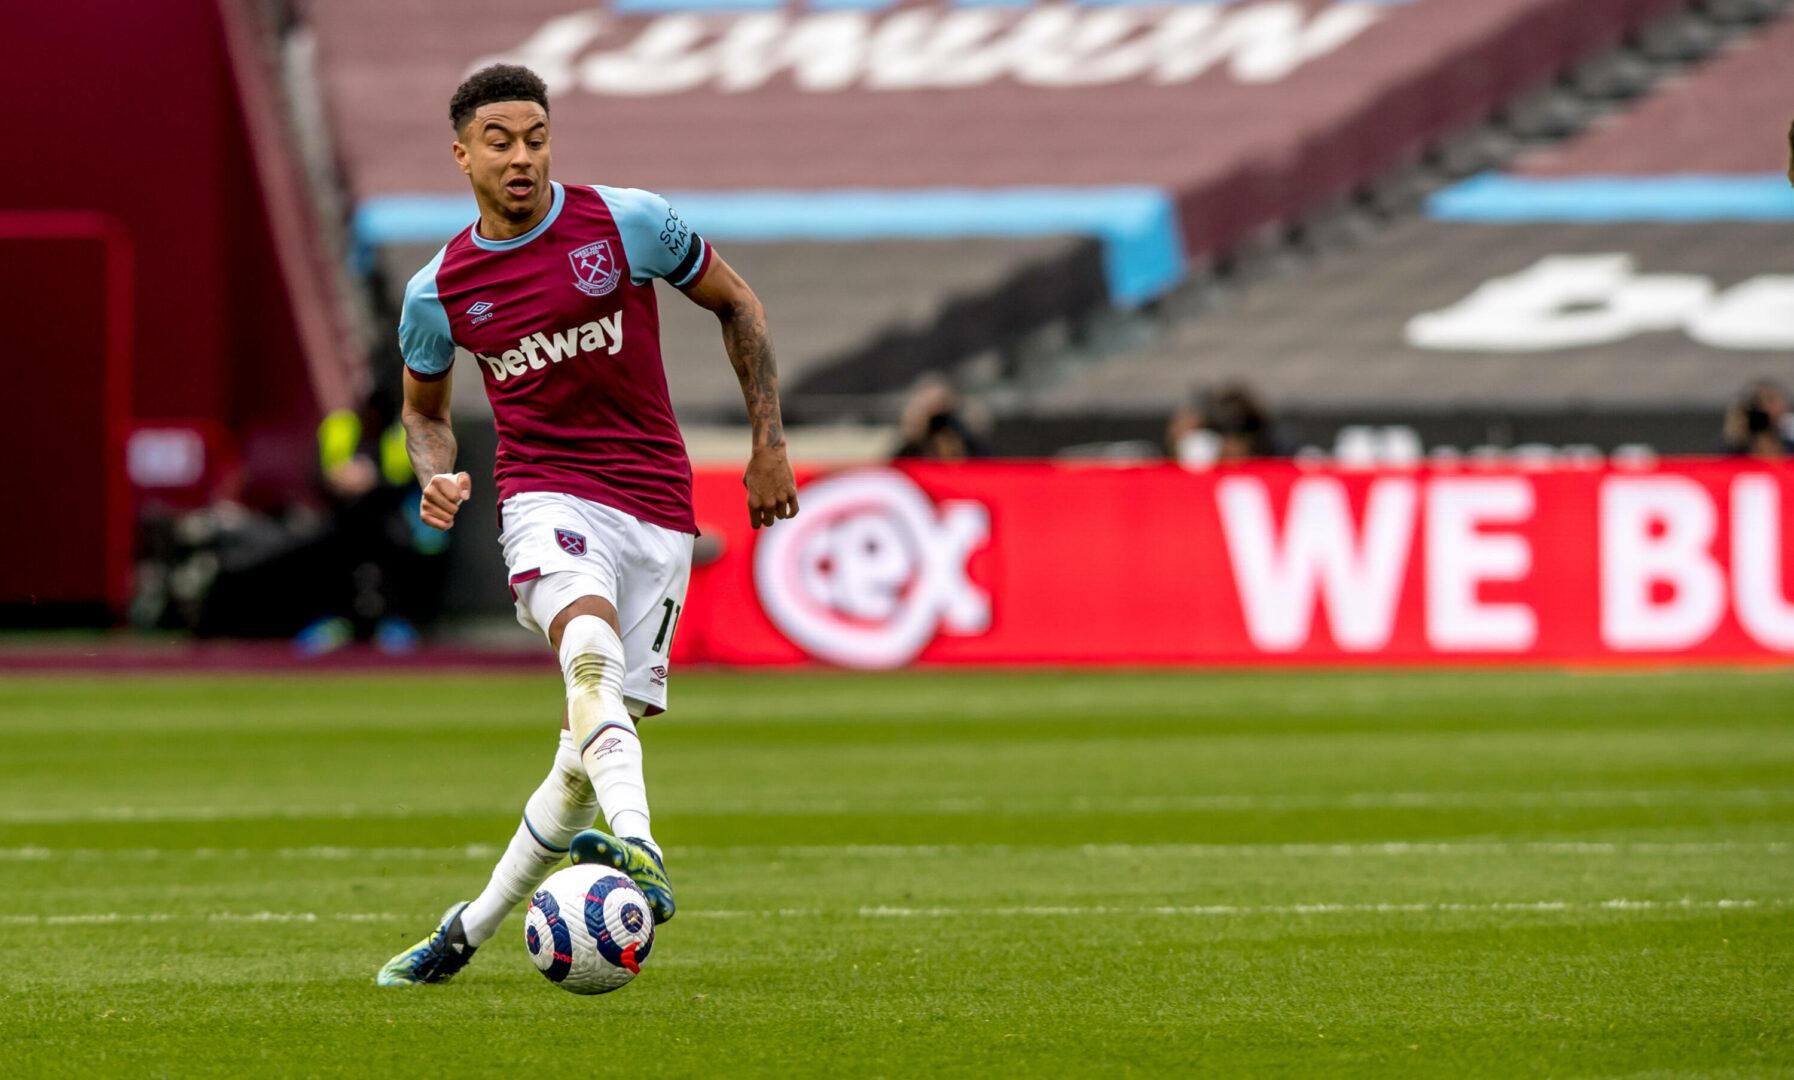 West Ham glaubt weiter an Transfer von Lingard